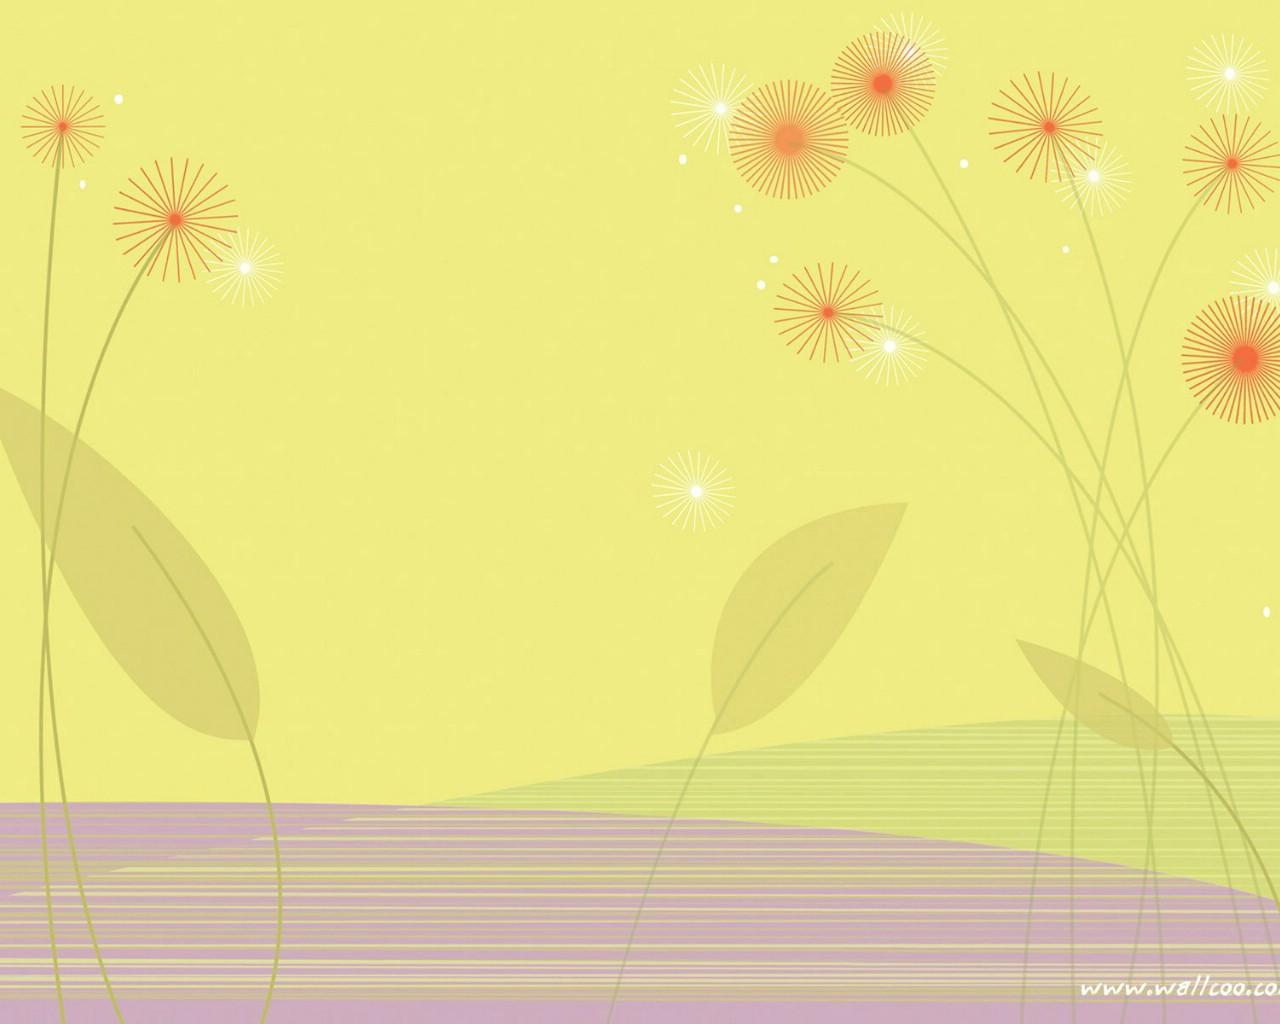 壁纸1280×1024抽象花卉图案设计 抽象花卉插画壁纸壁纸 艺术与抽象花卉壁纸壁纸图片花卉壁纸花卉图片素材桌面壁纸